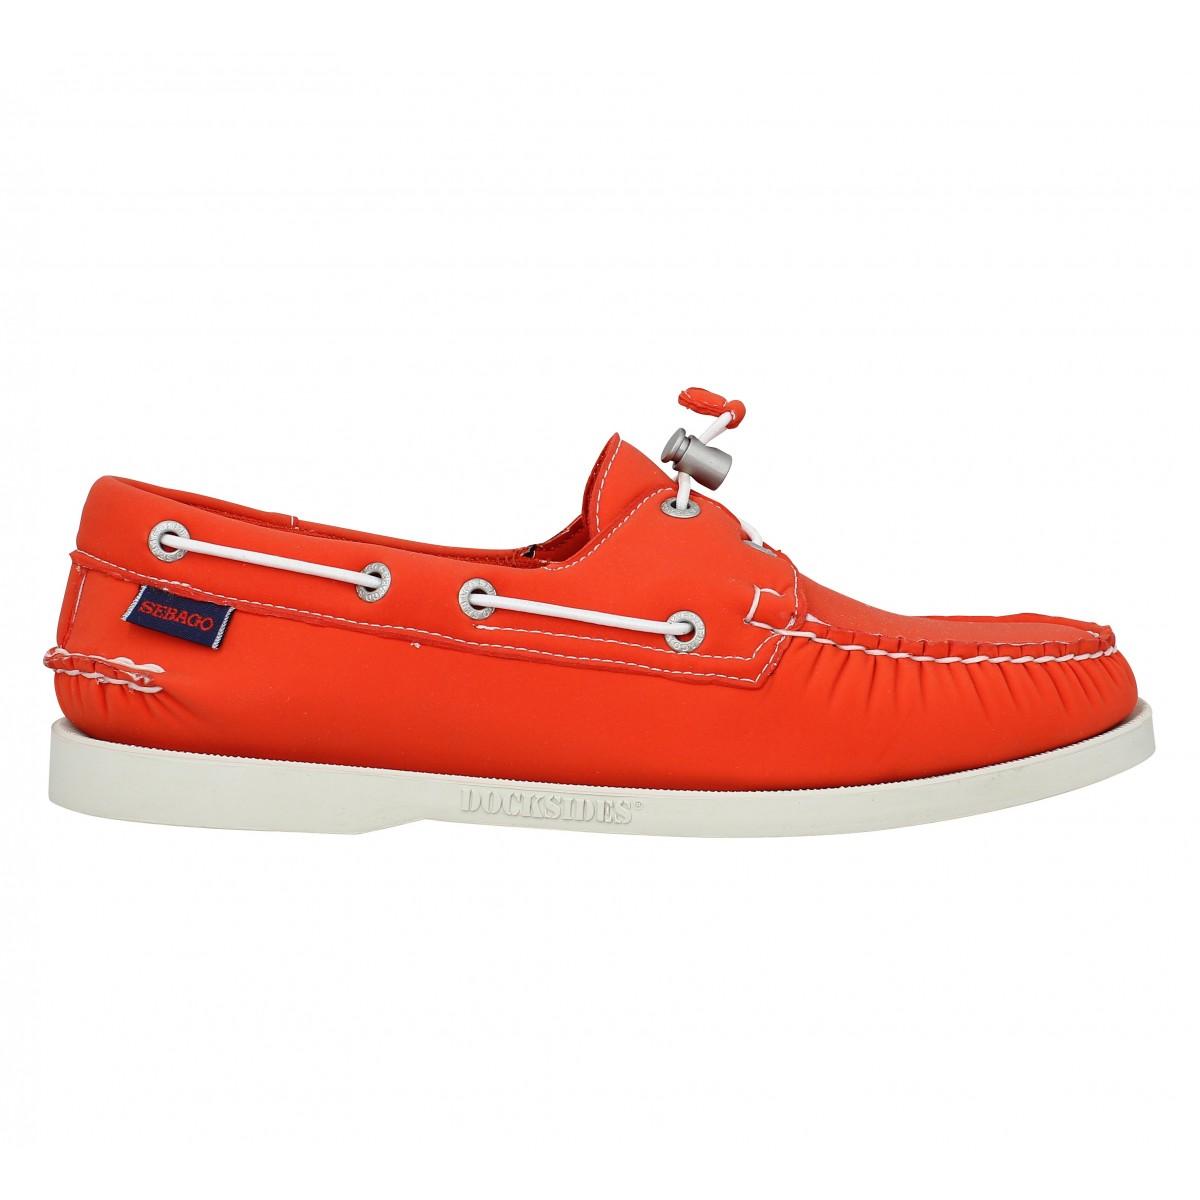 soldes sebago docksides neoprene homme orange fanny chaussures. Black Bedroom Furniture Sets. Home Design Ideas